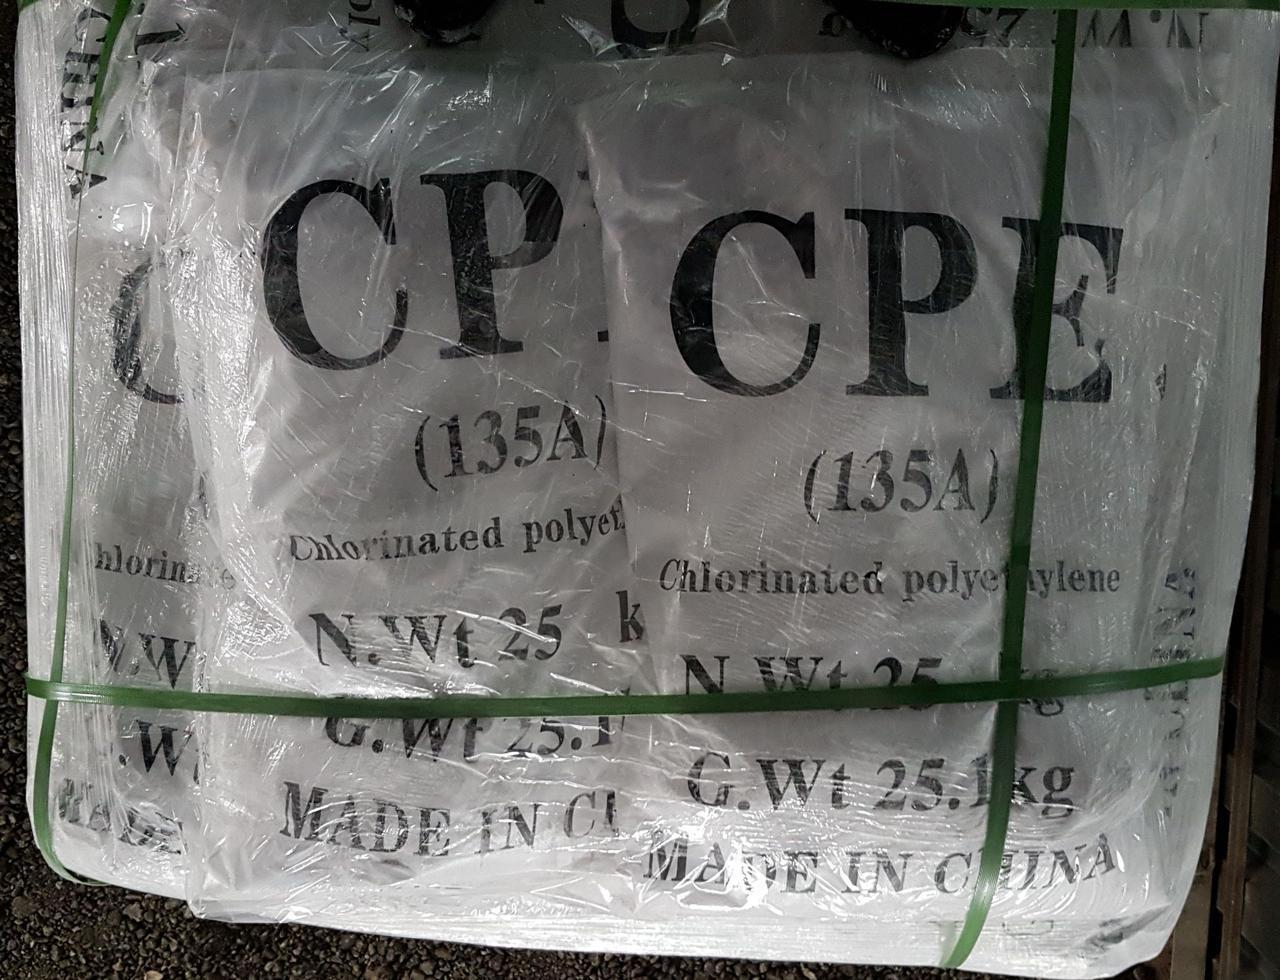 CPE 135A (Хлорированный полиэтилен)